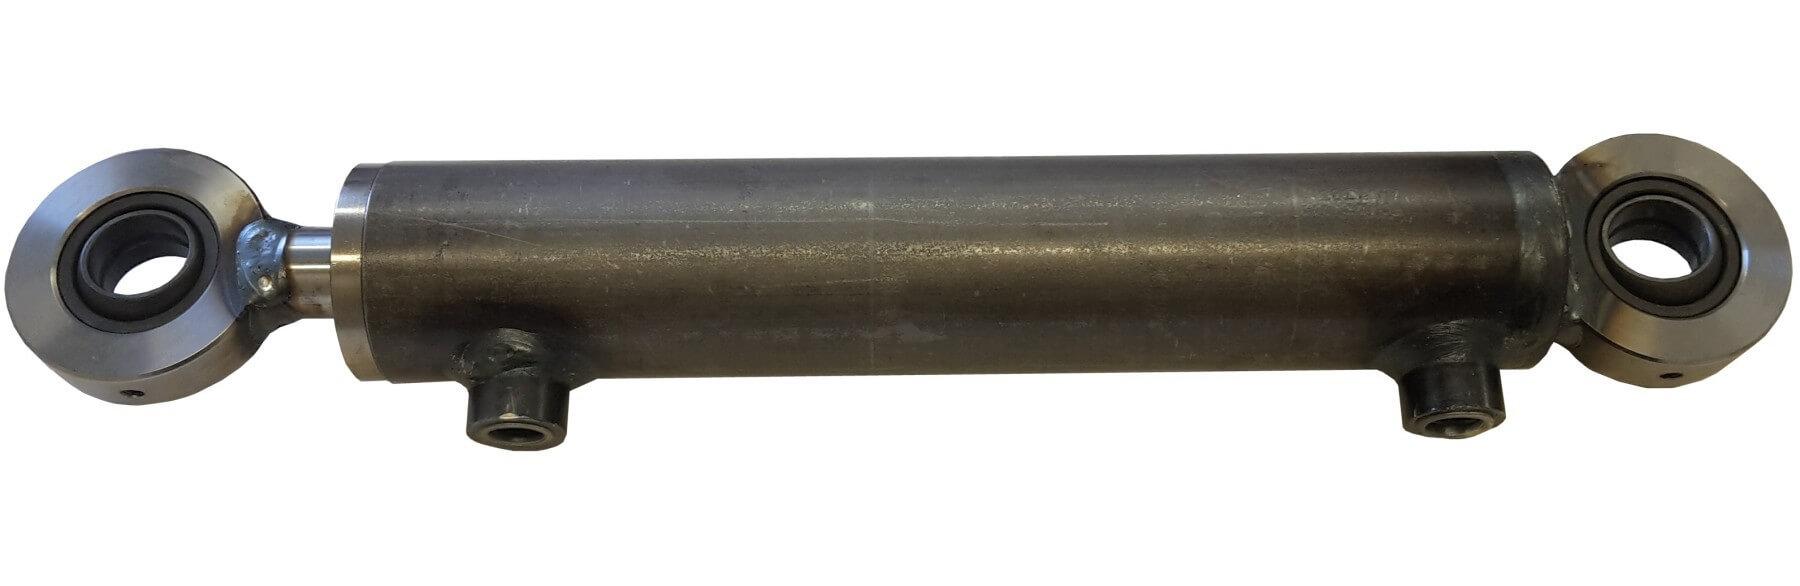 Hydraulisylinteri CL 40. 25. 350 GE - Kailatec Oy Verkkokauppa